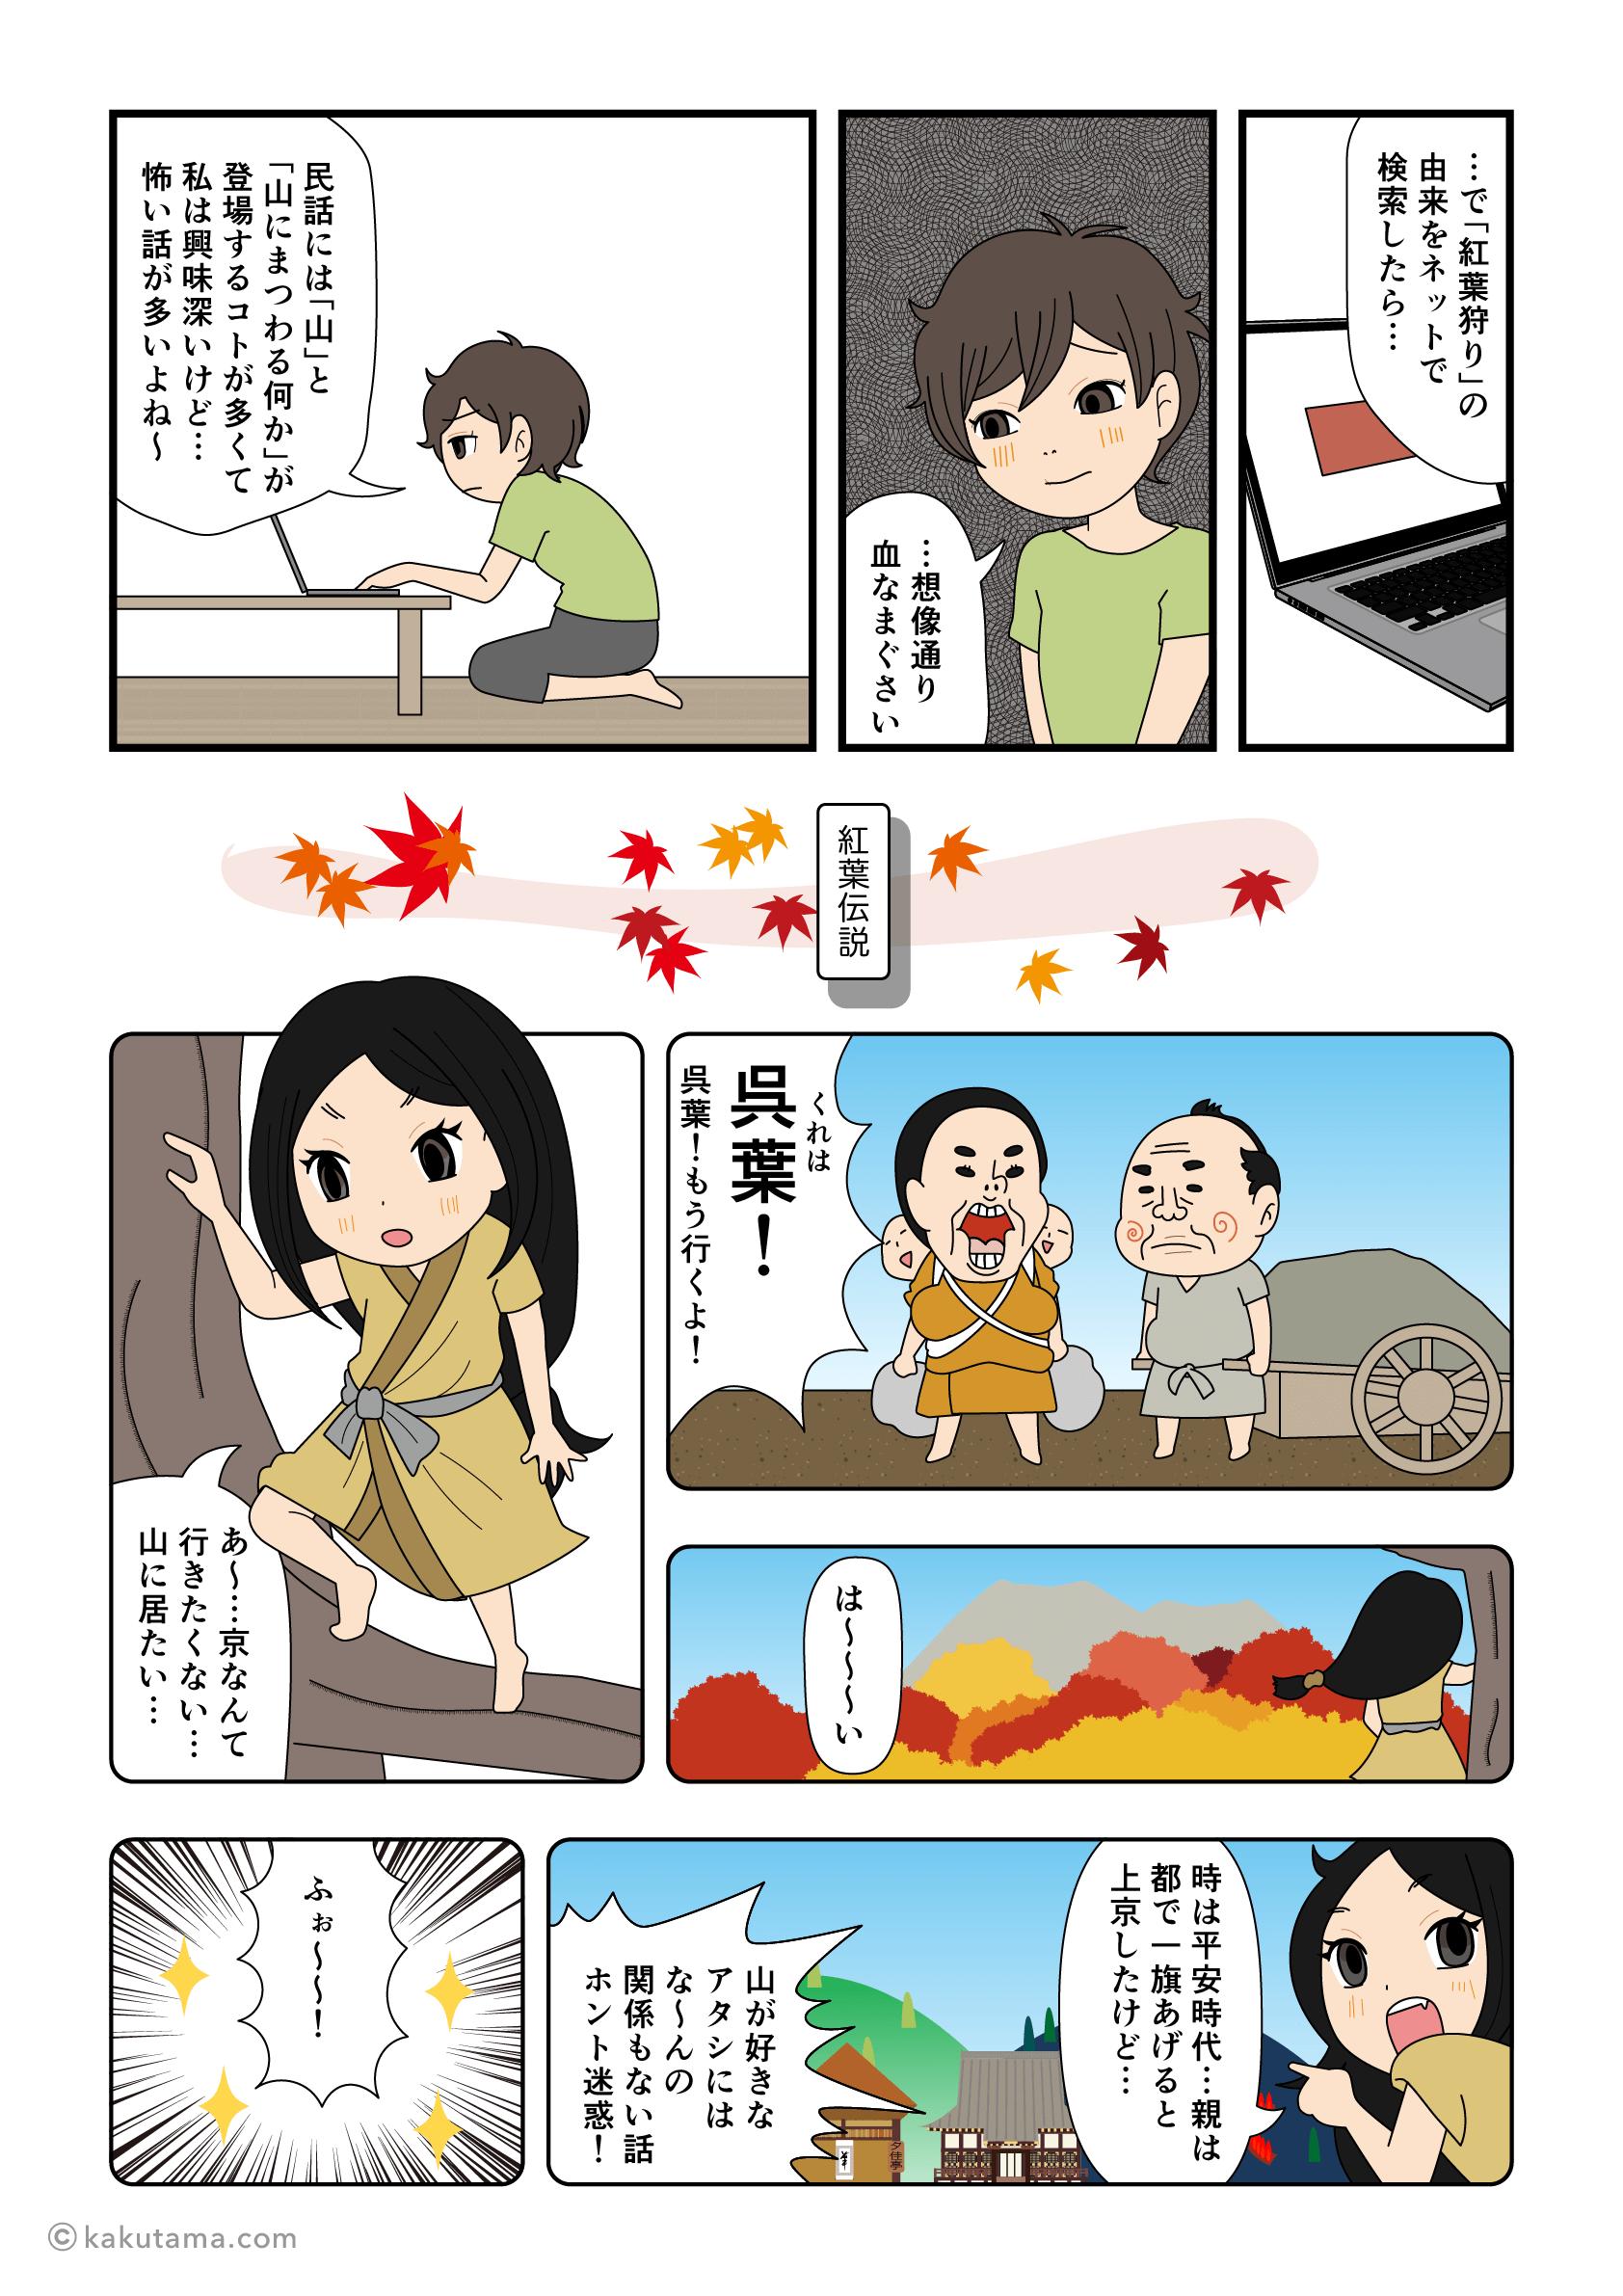 民話の中での紅葉狩りの由来漫画